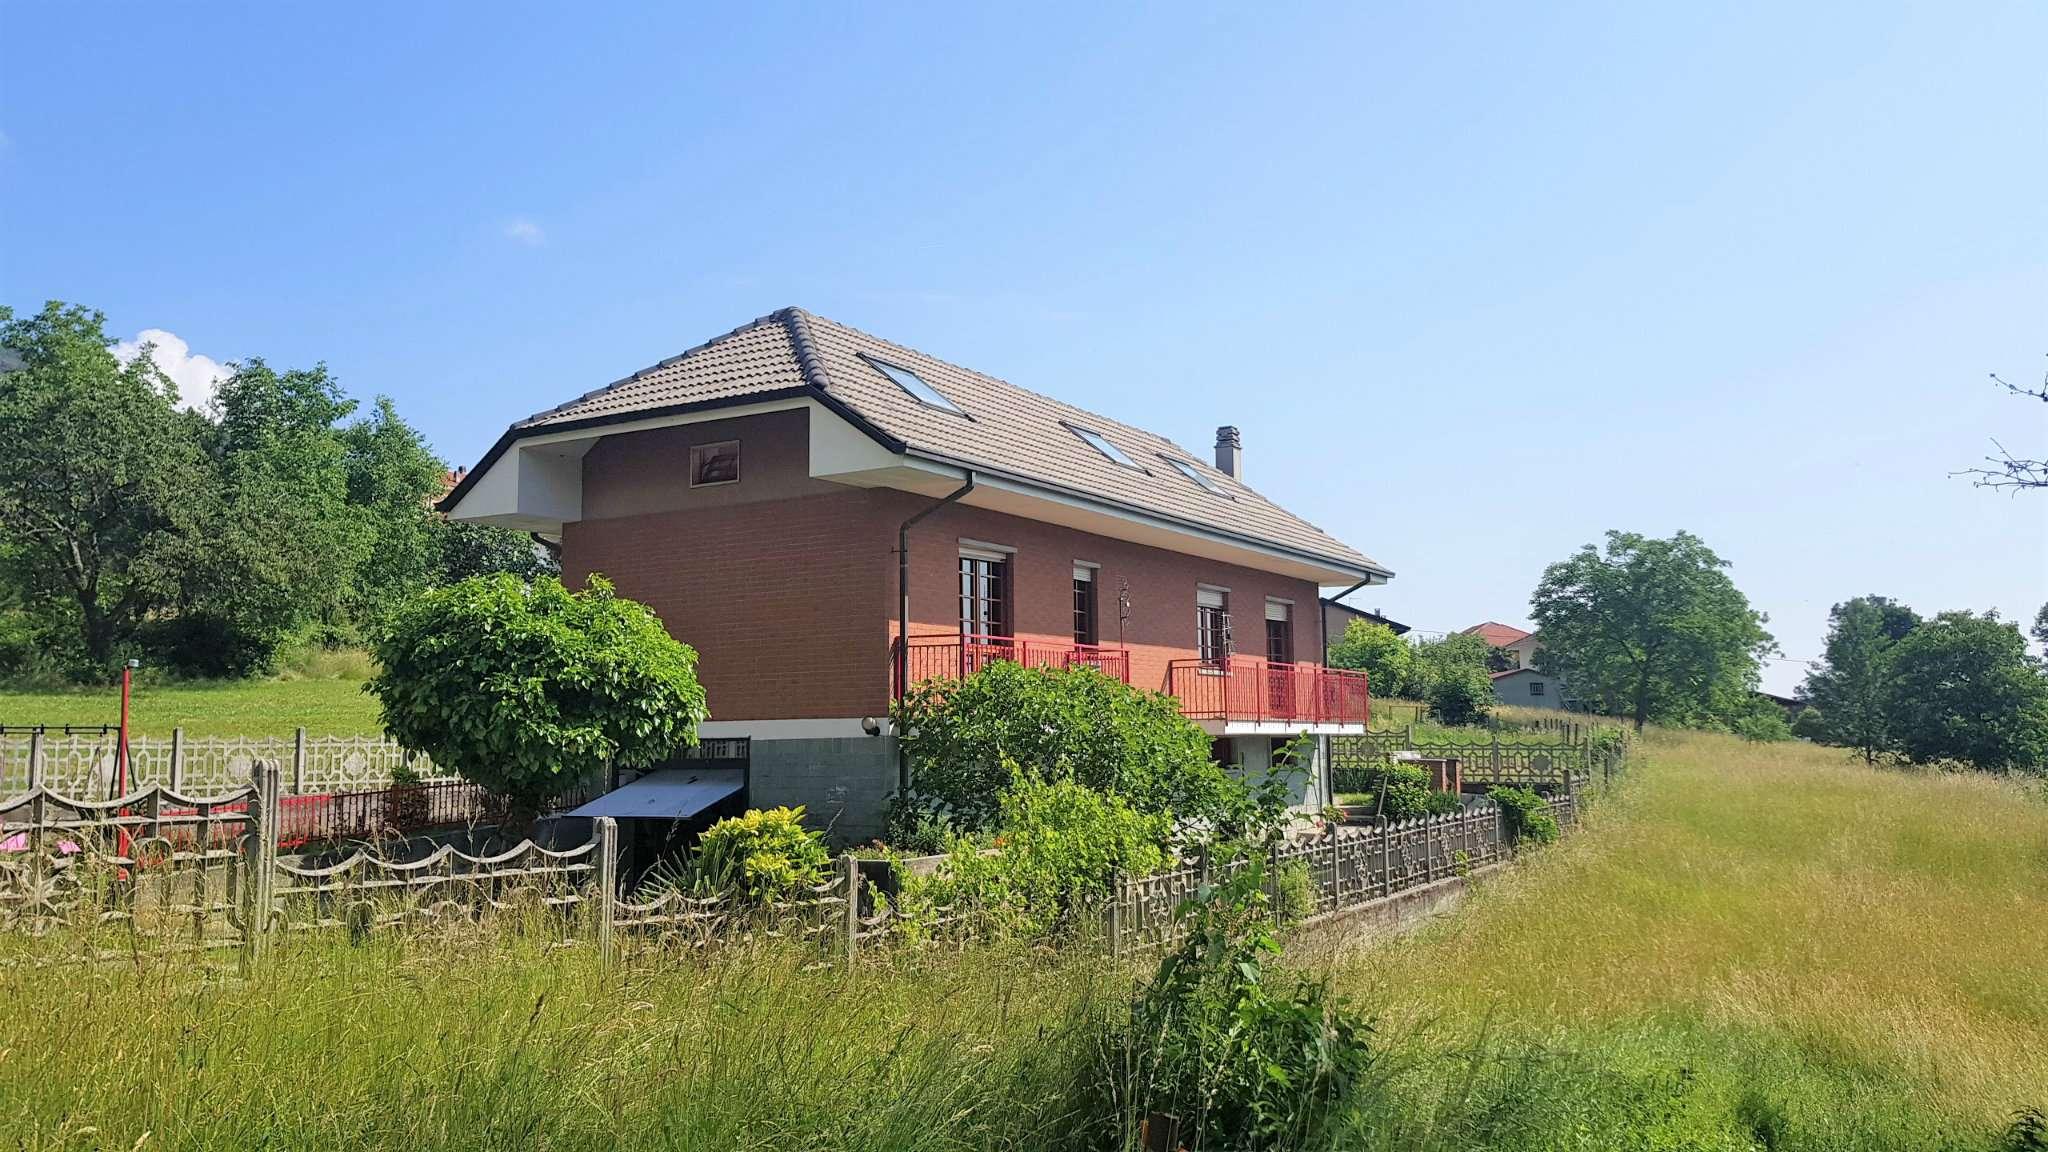 Foto 1 di Casa indipendente Vallo Torinese